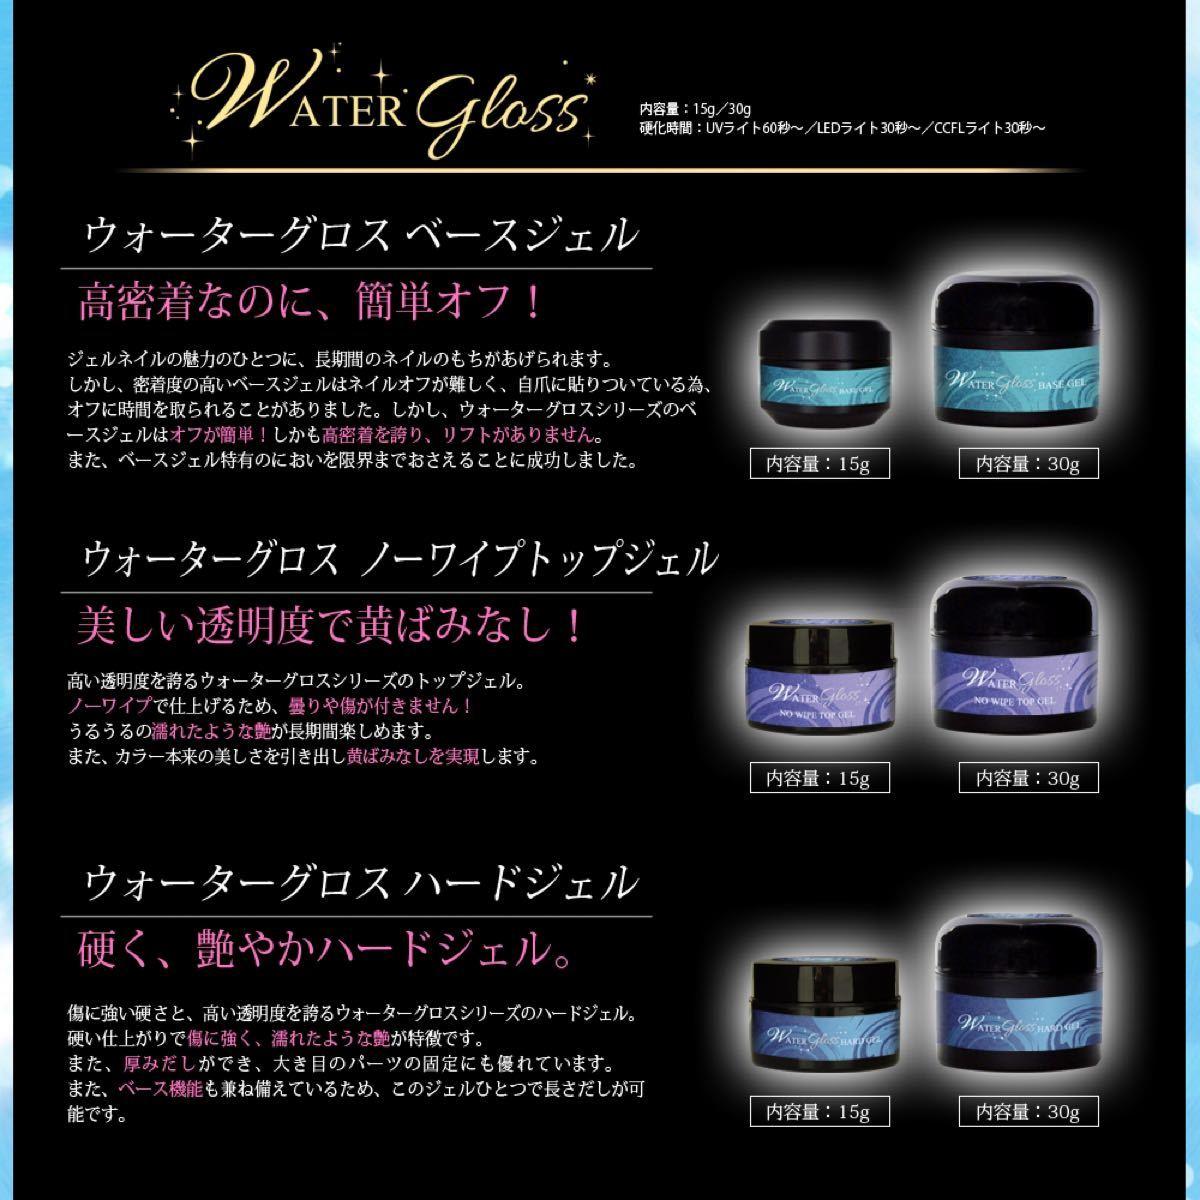 【ジェルネイル】ウォーターグロスジェル トップ&ベース&ハード 各30g